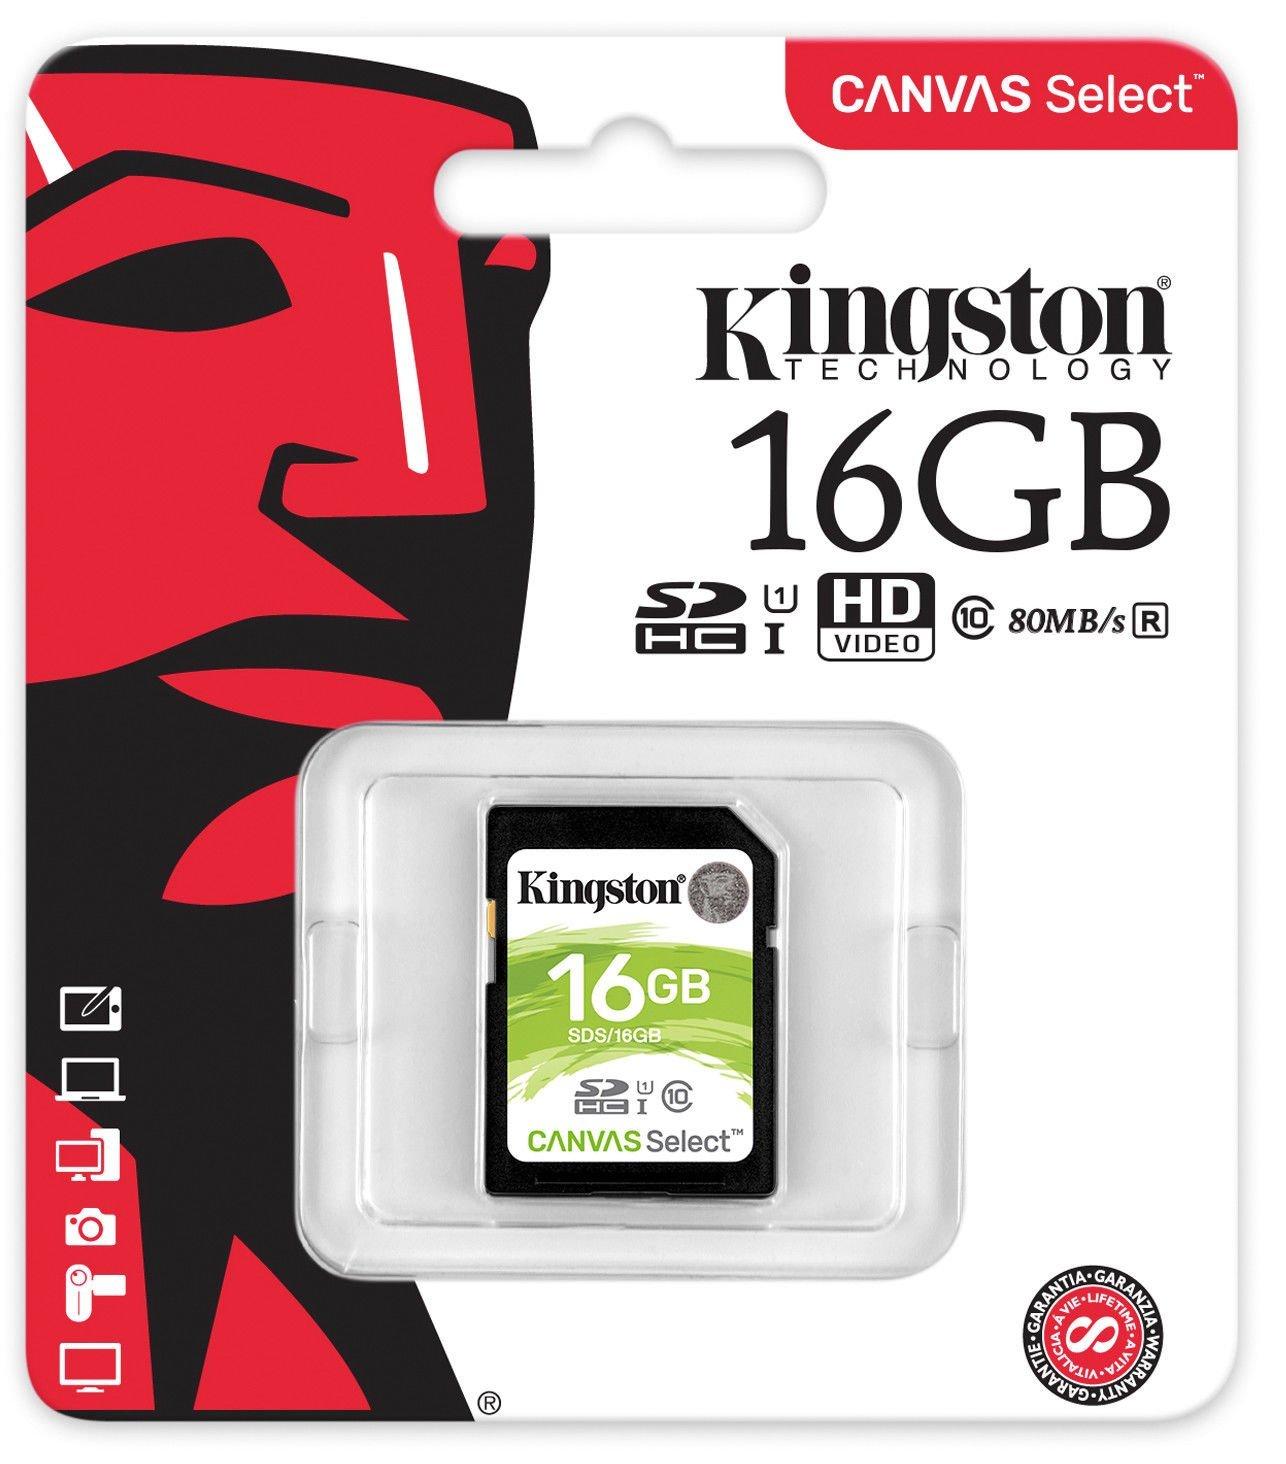 『儲存 』金士頓 Kingston 16GB 16G SDHC U1 記憶卡 SDS